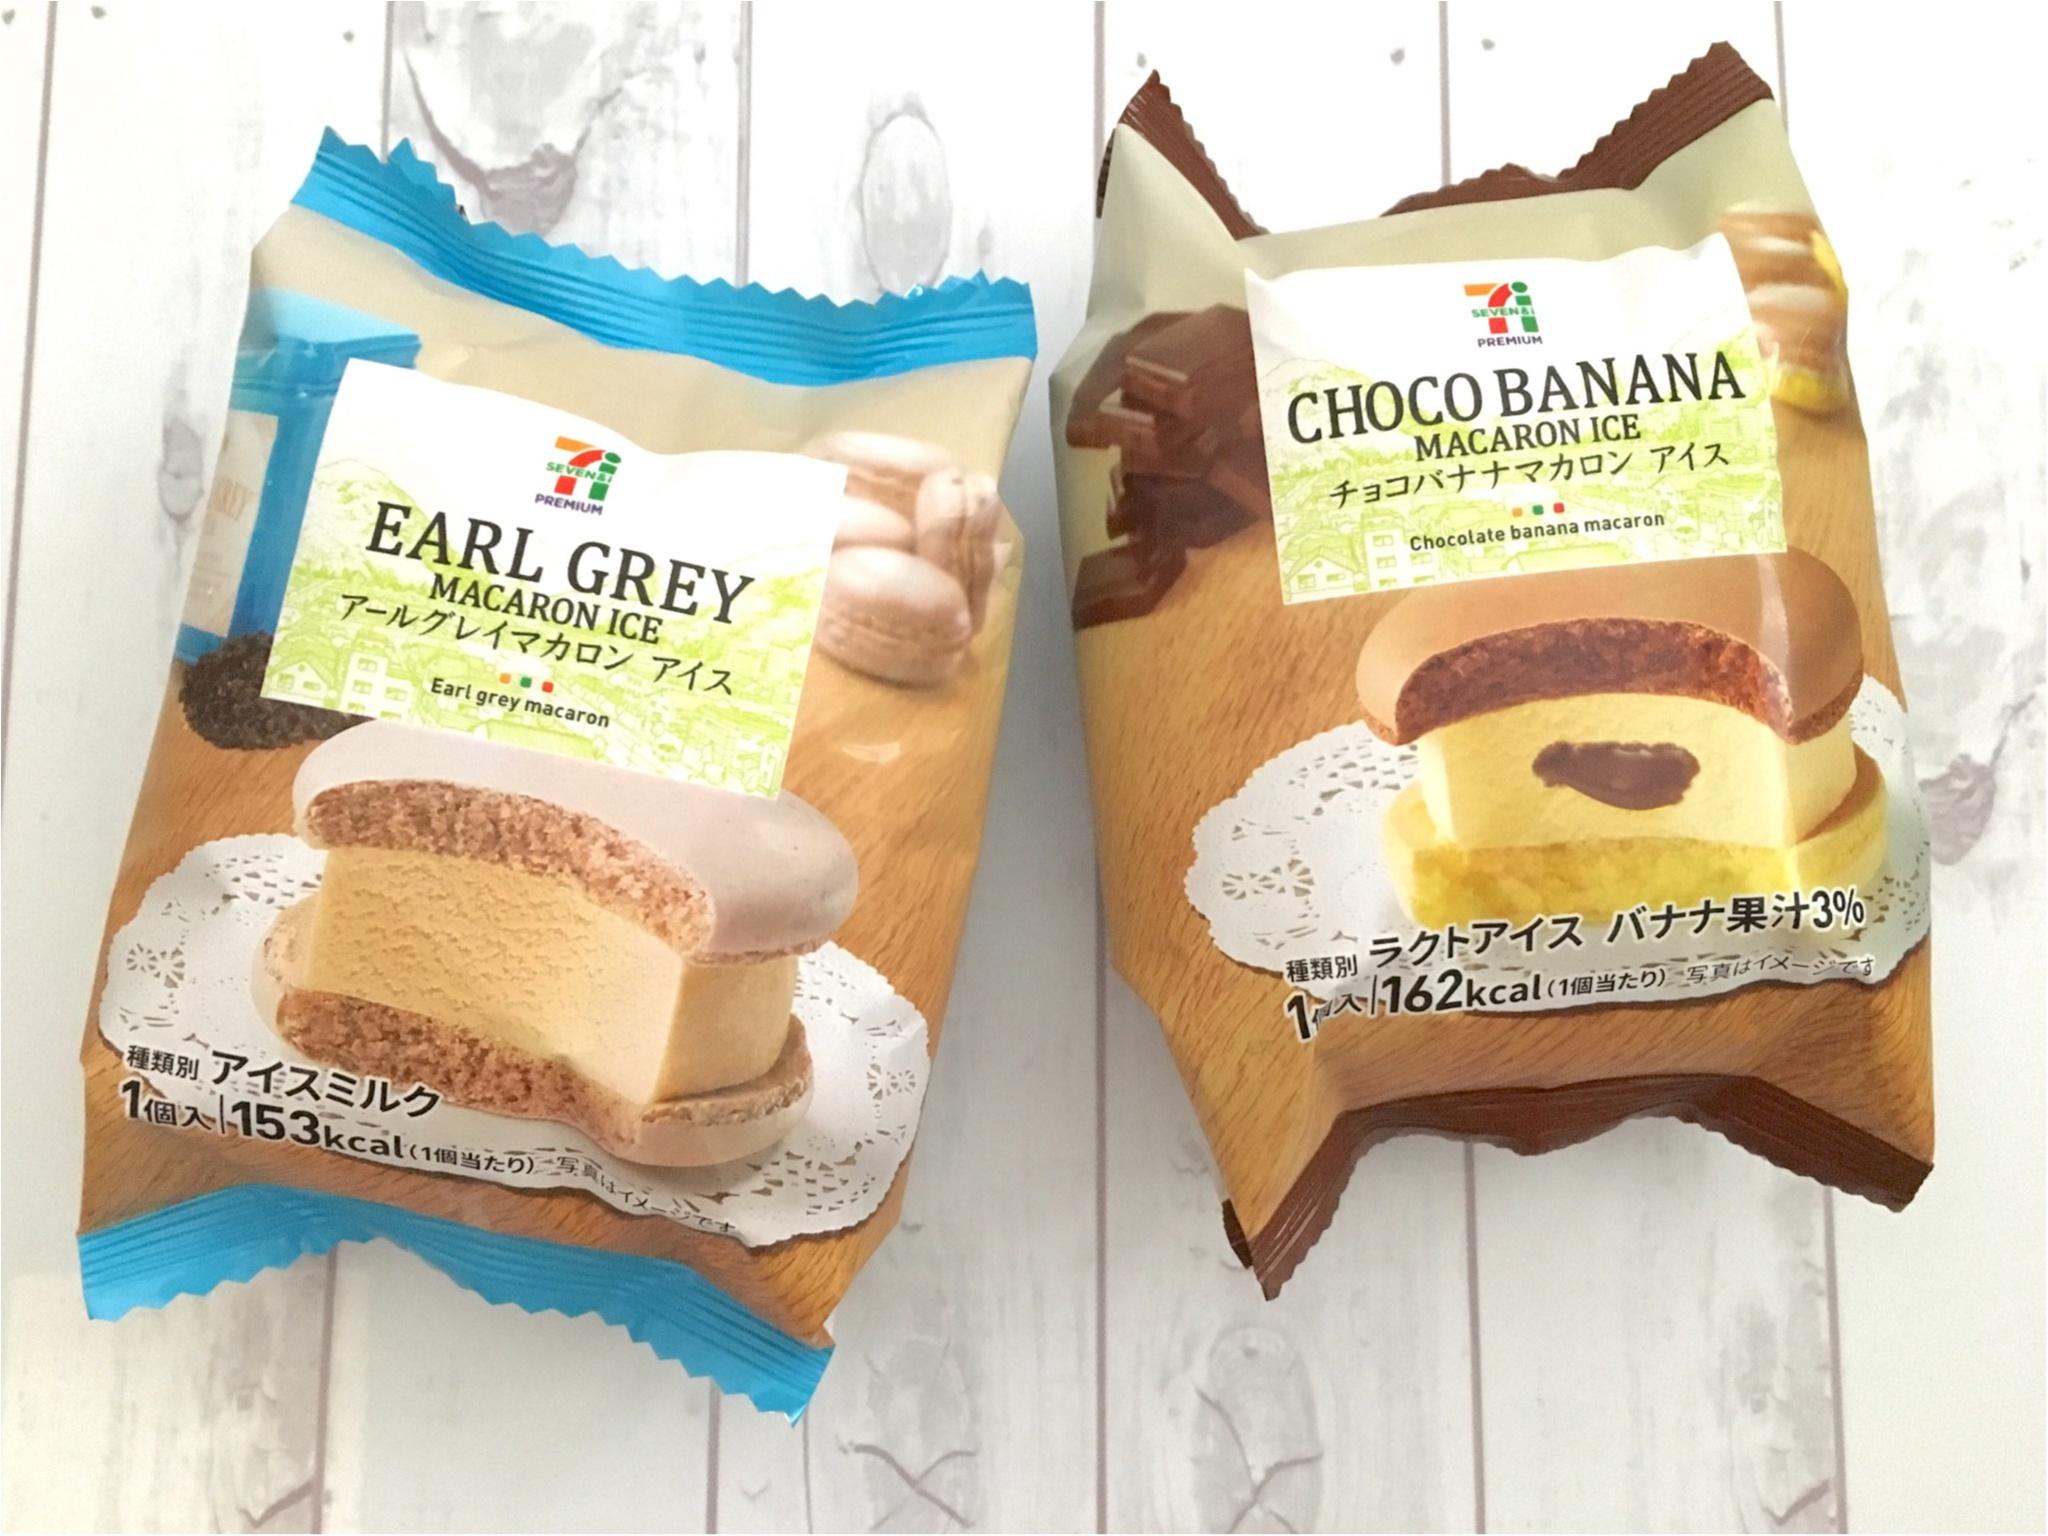 【セブンイレブン】マカロンアイス新作 チョコバナナ/アールグレイ あなたはどっち派?_1